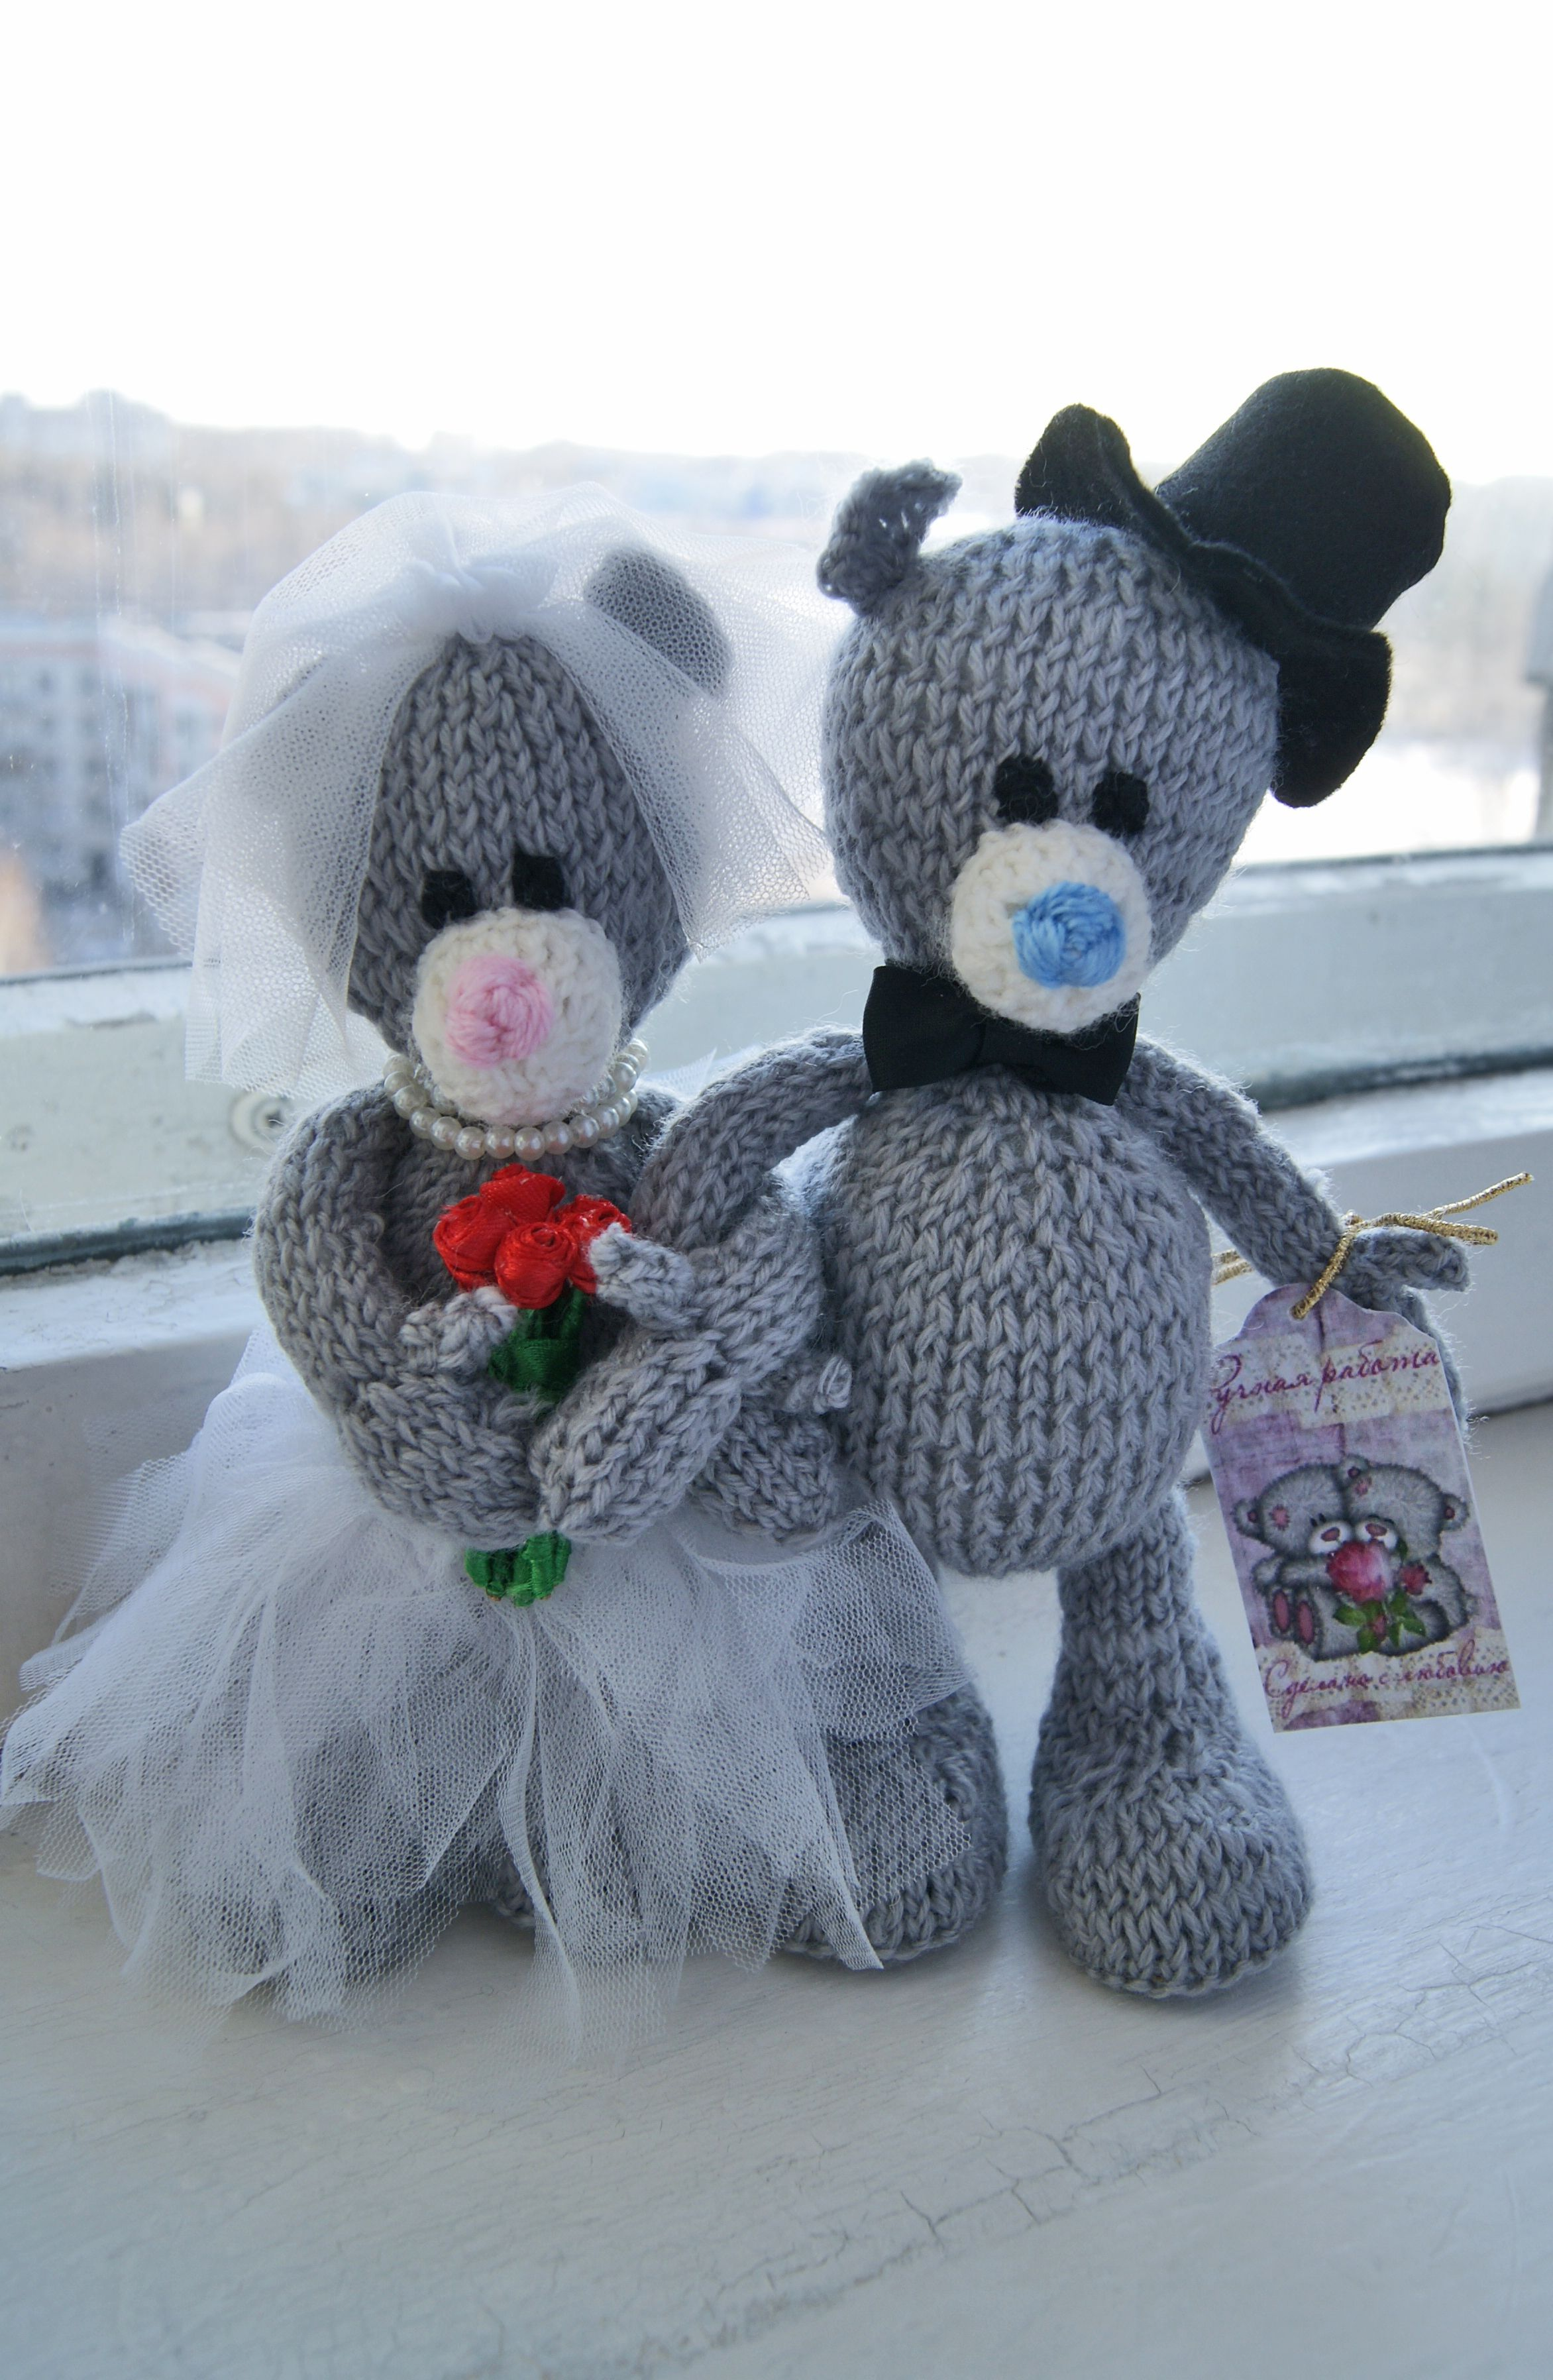 toy gift warm souvenir bride groom teddy family interiortoy brideandgroom weddinggift bear knit